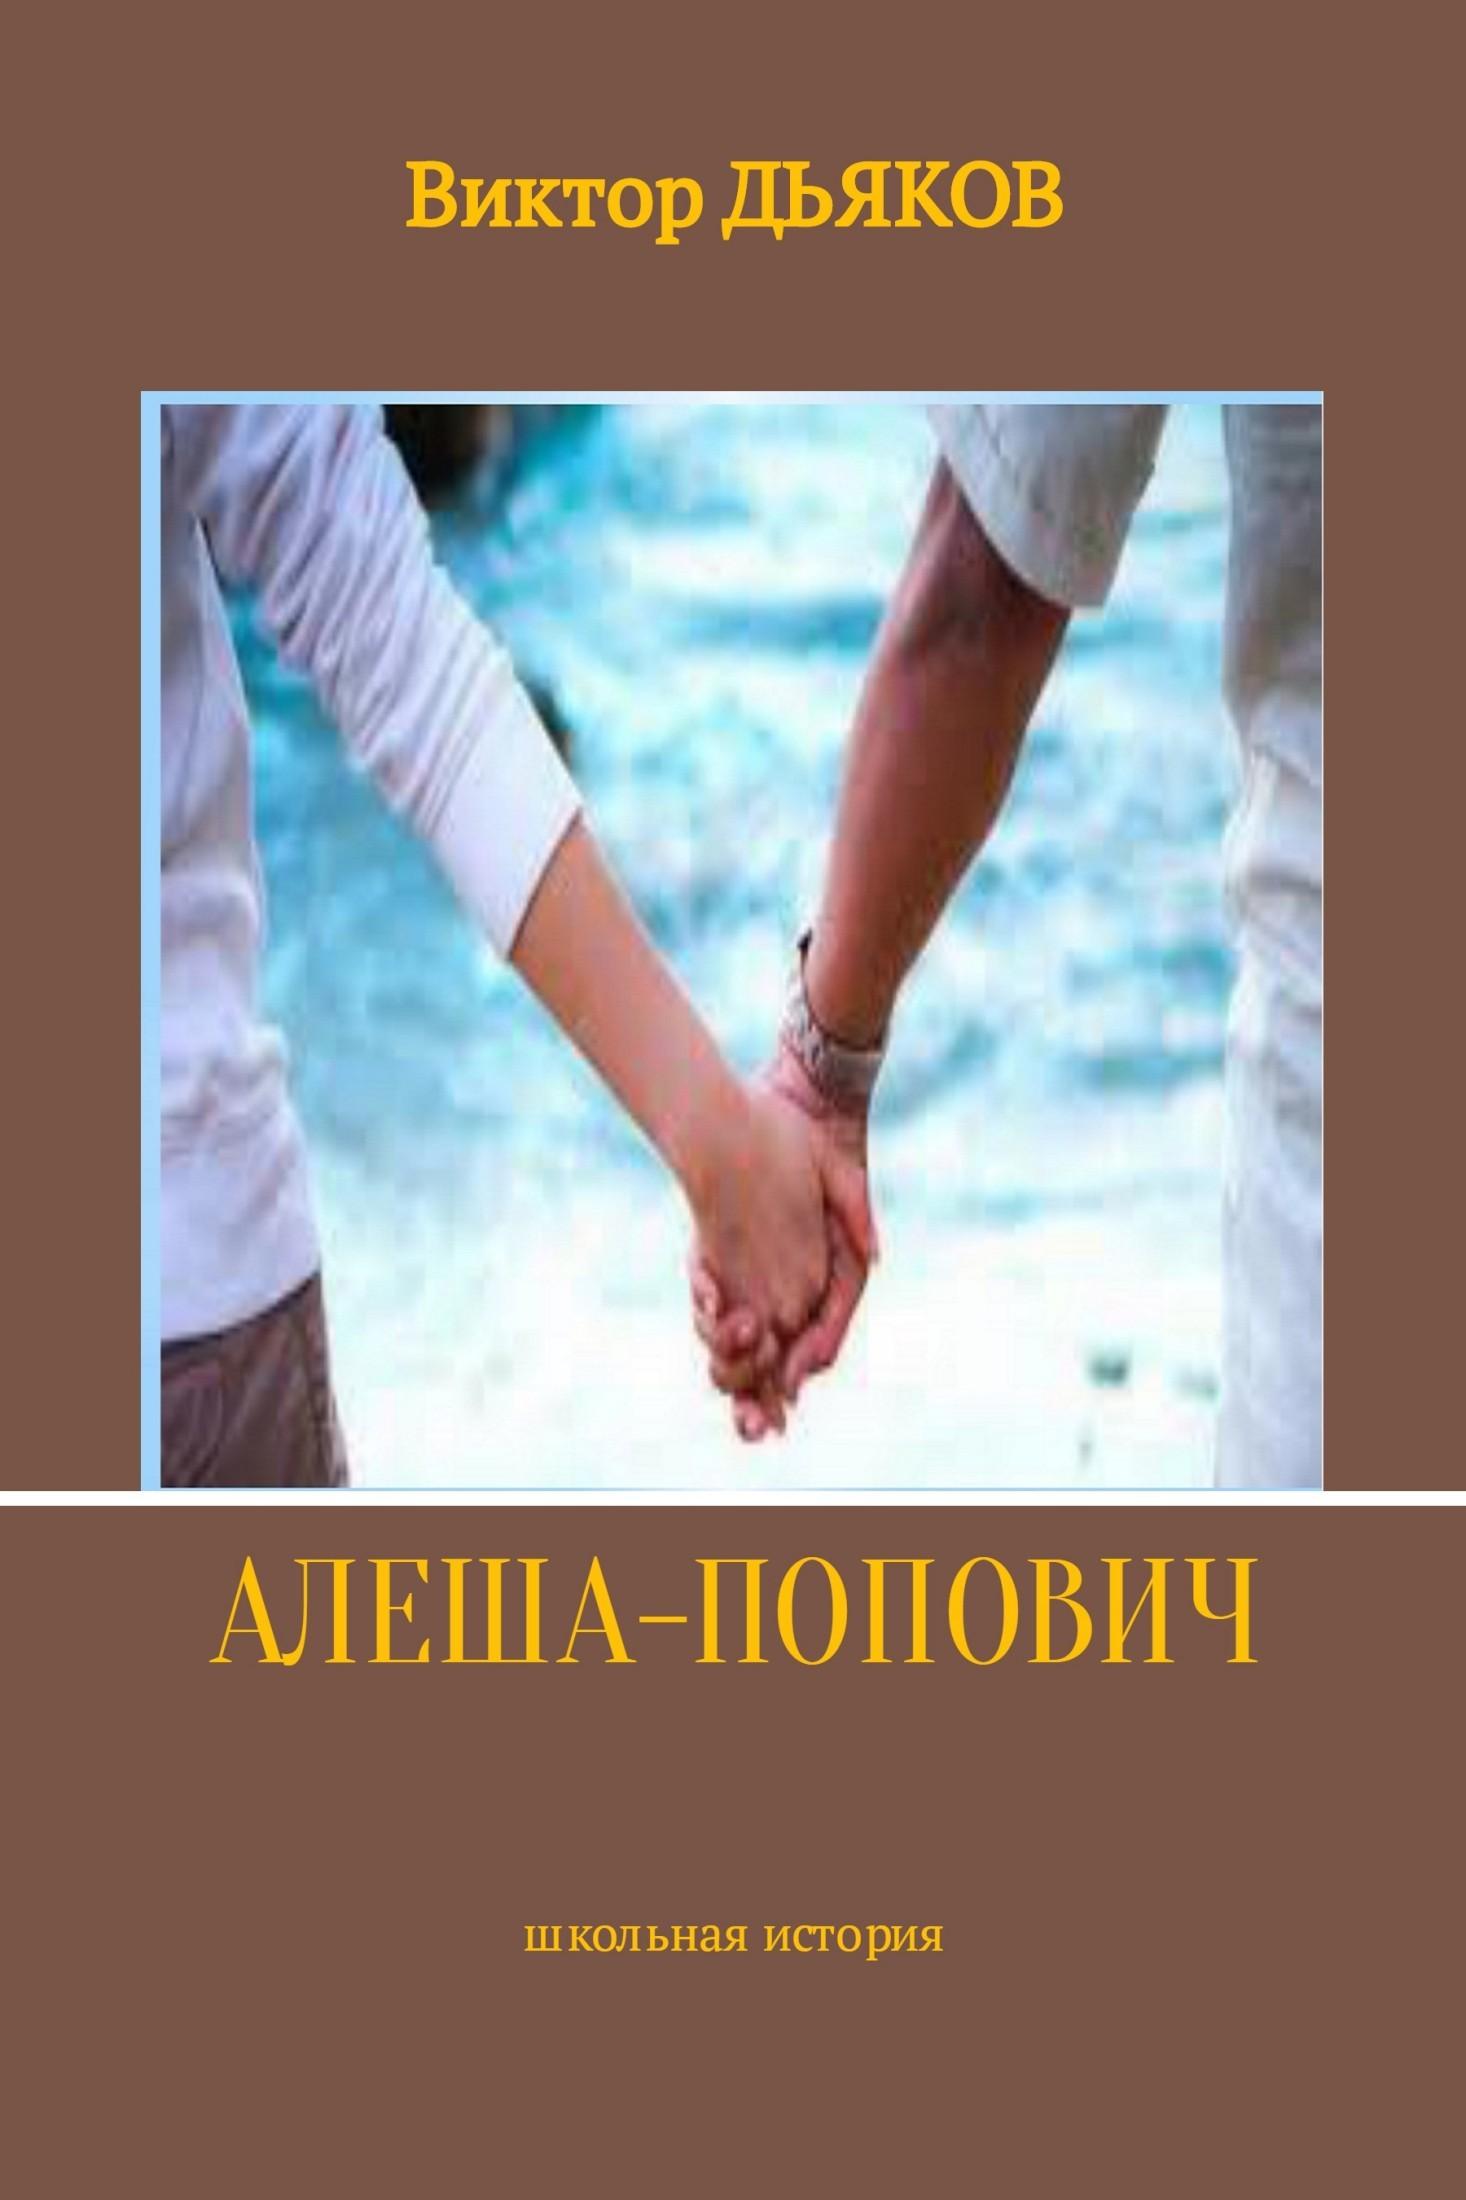 Книга Алеша-попович